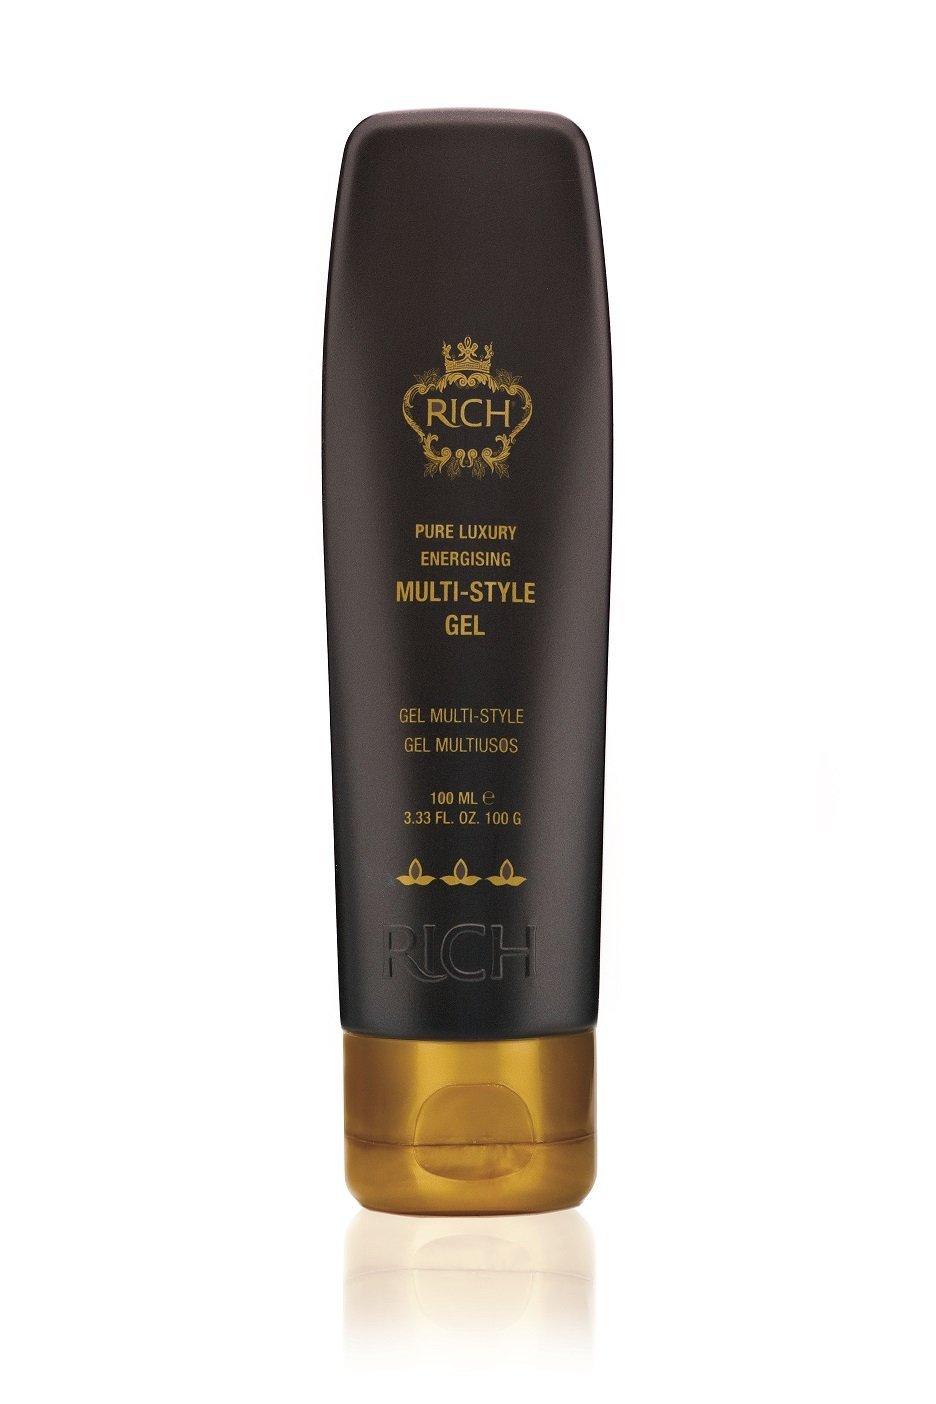 RICH Hair Care Multi-Style Gel, 3.33 fl. oz.